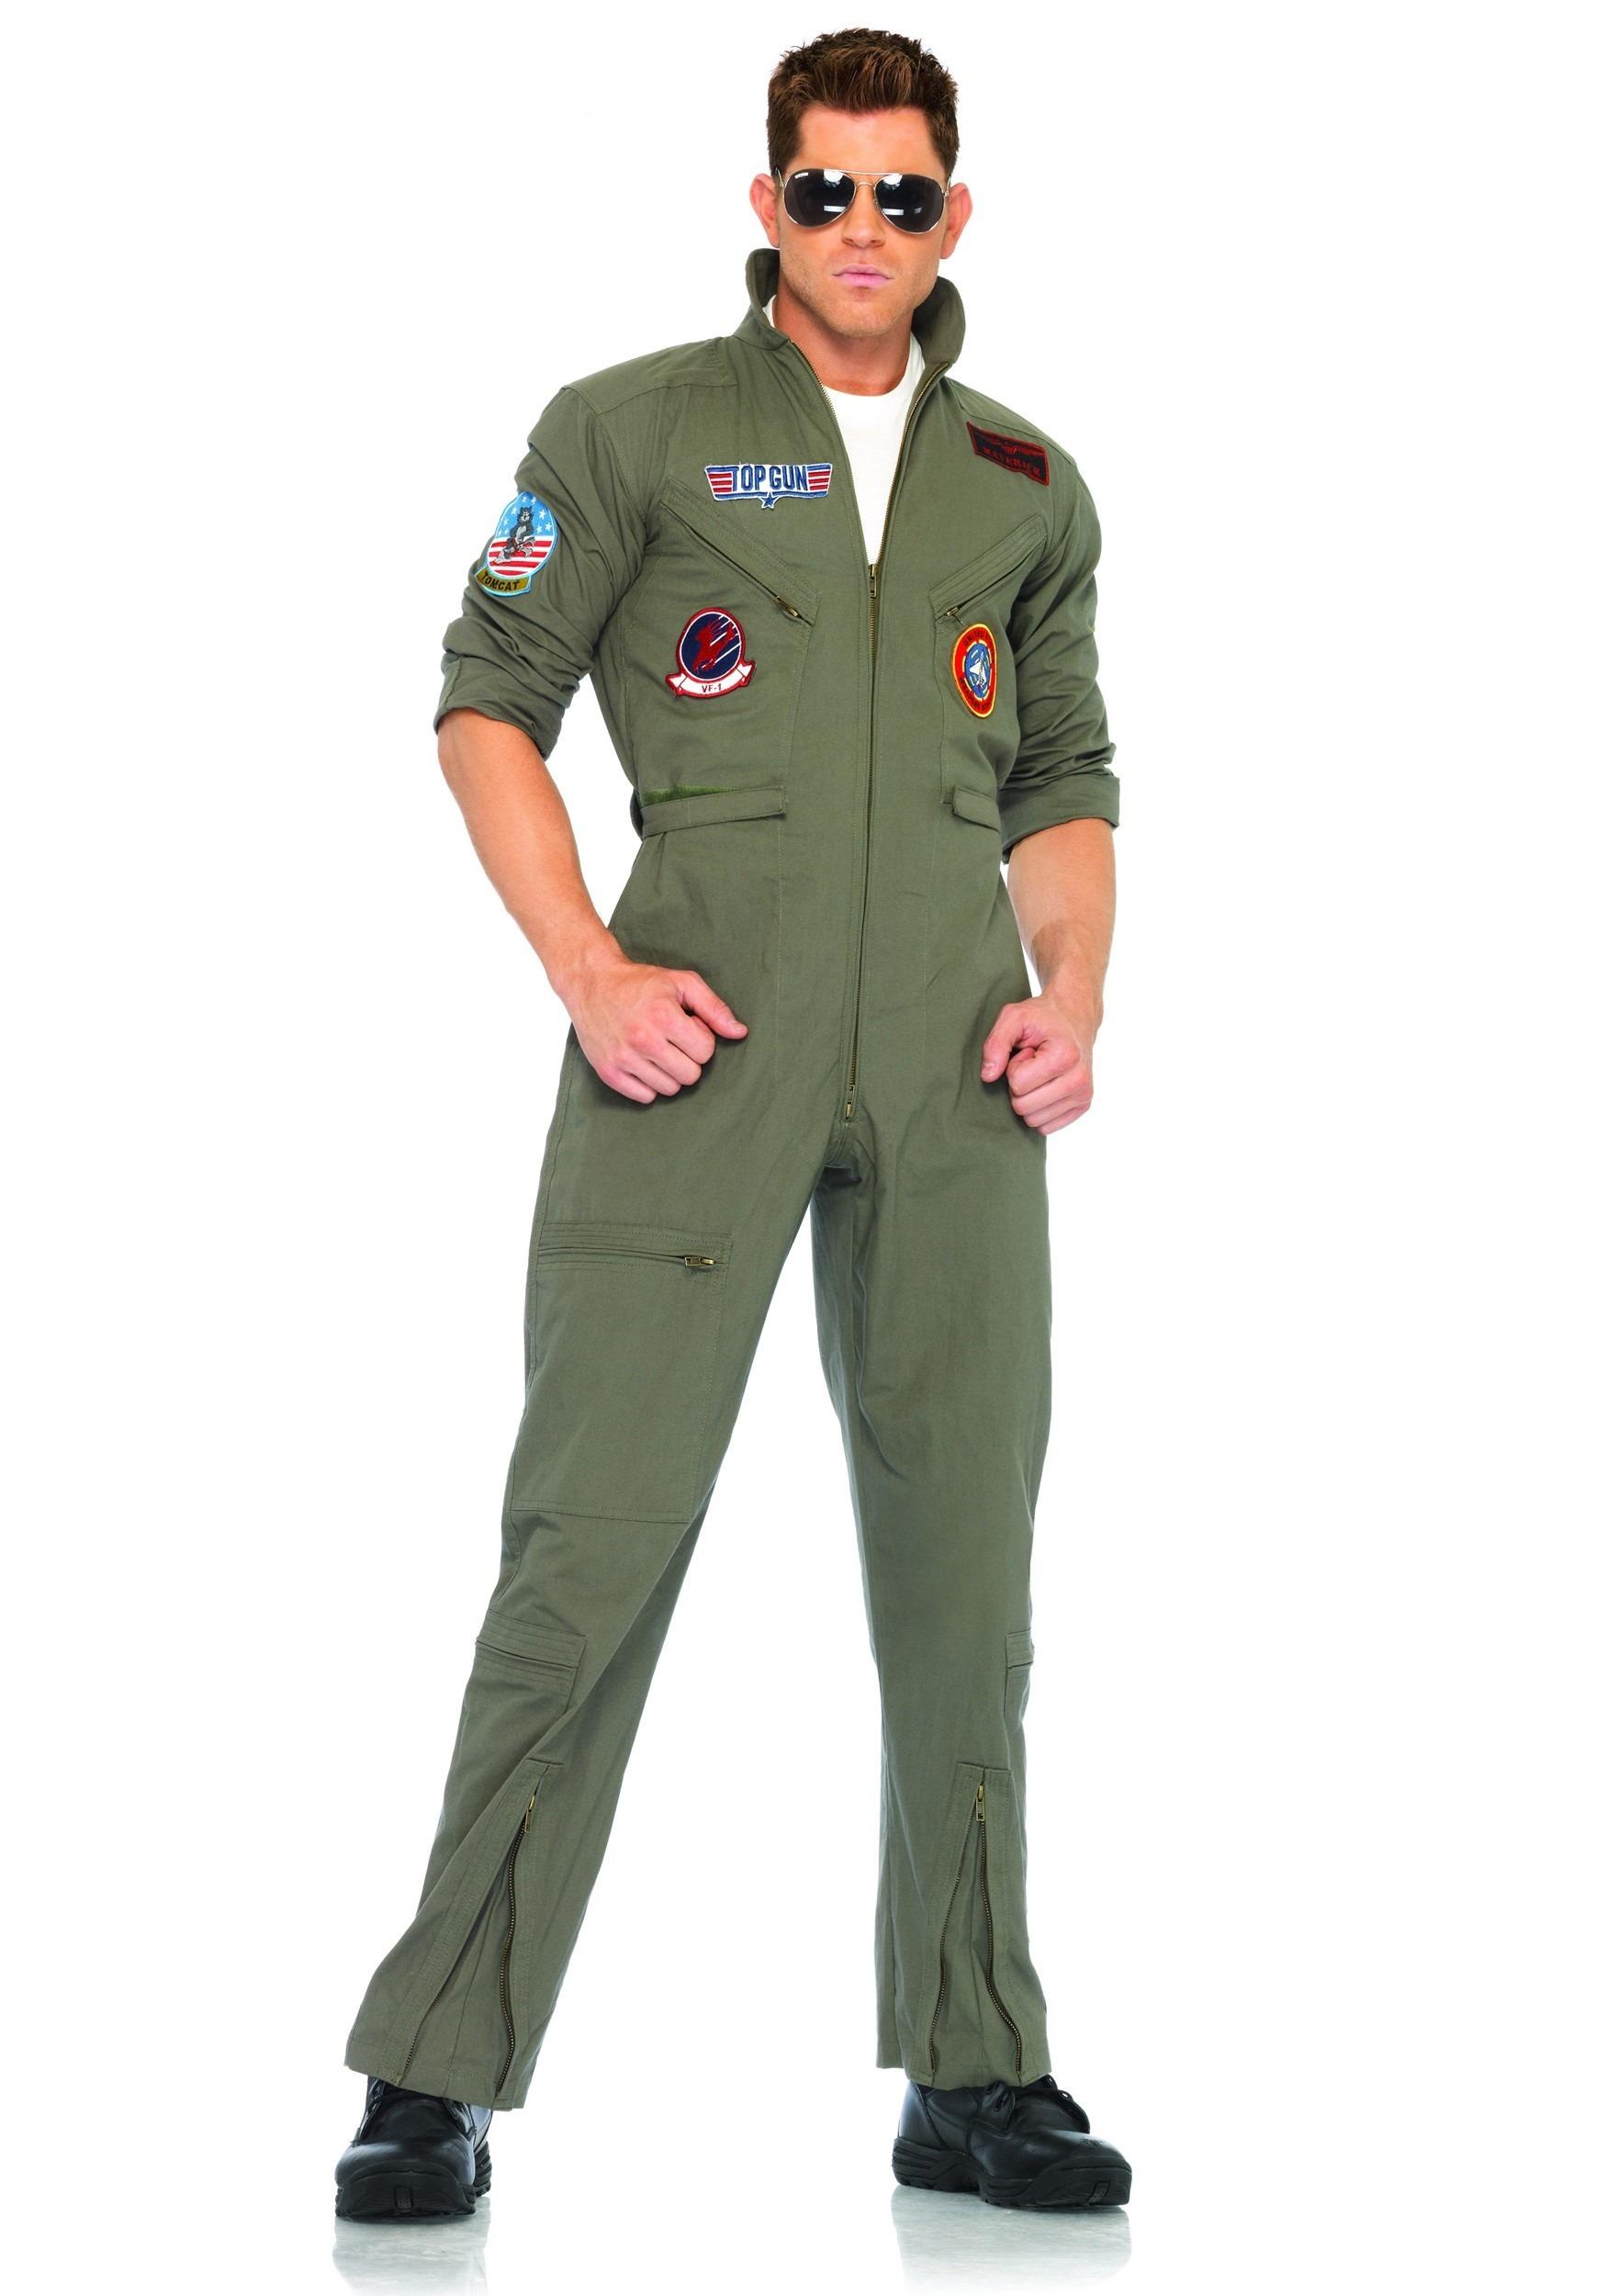 Men's Top Gun Flight Suit Costume | Pilot Halloween Costume